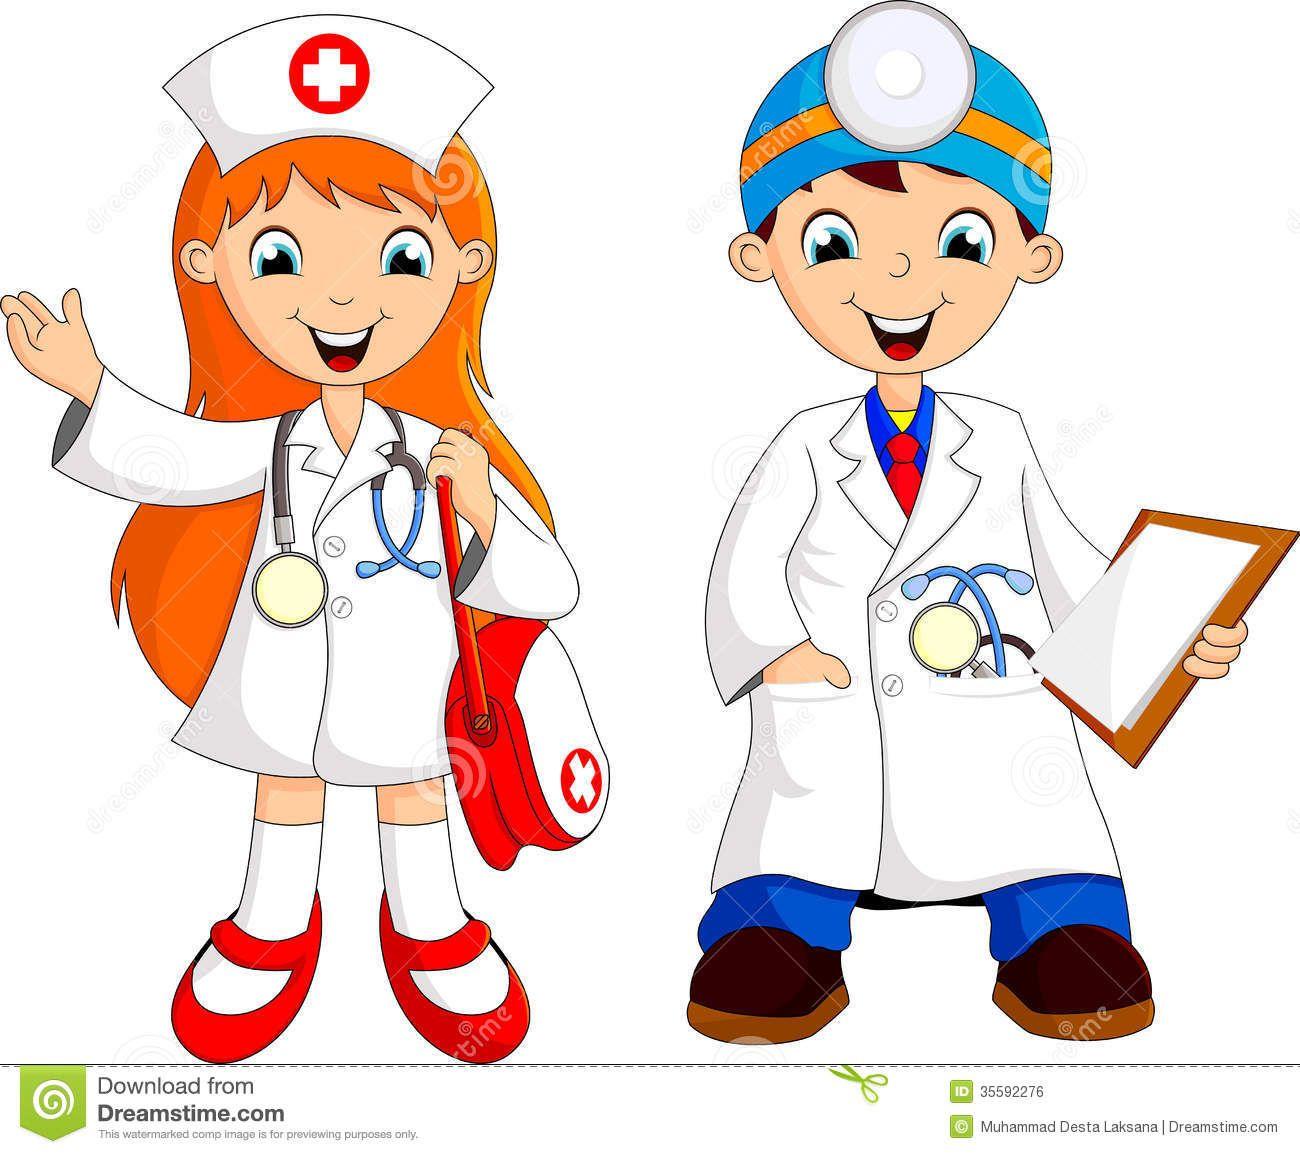 Enough clipart kid. Enough clipart kid. Cute doctor medical clip